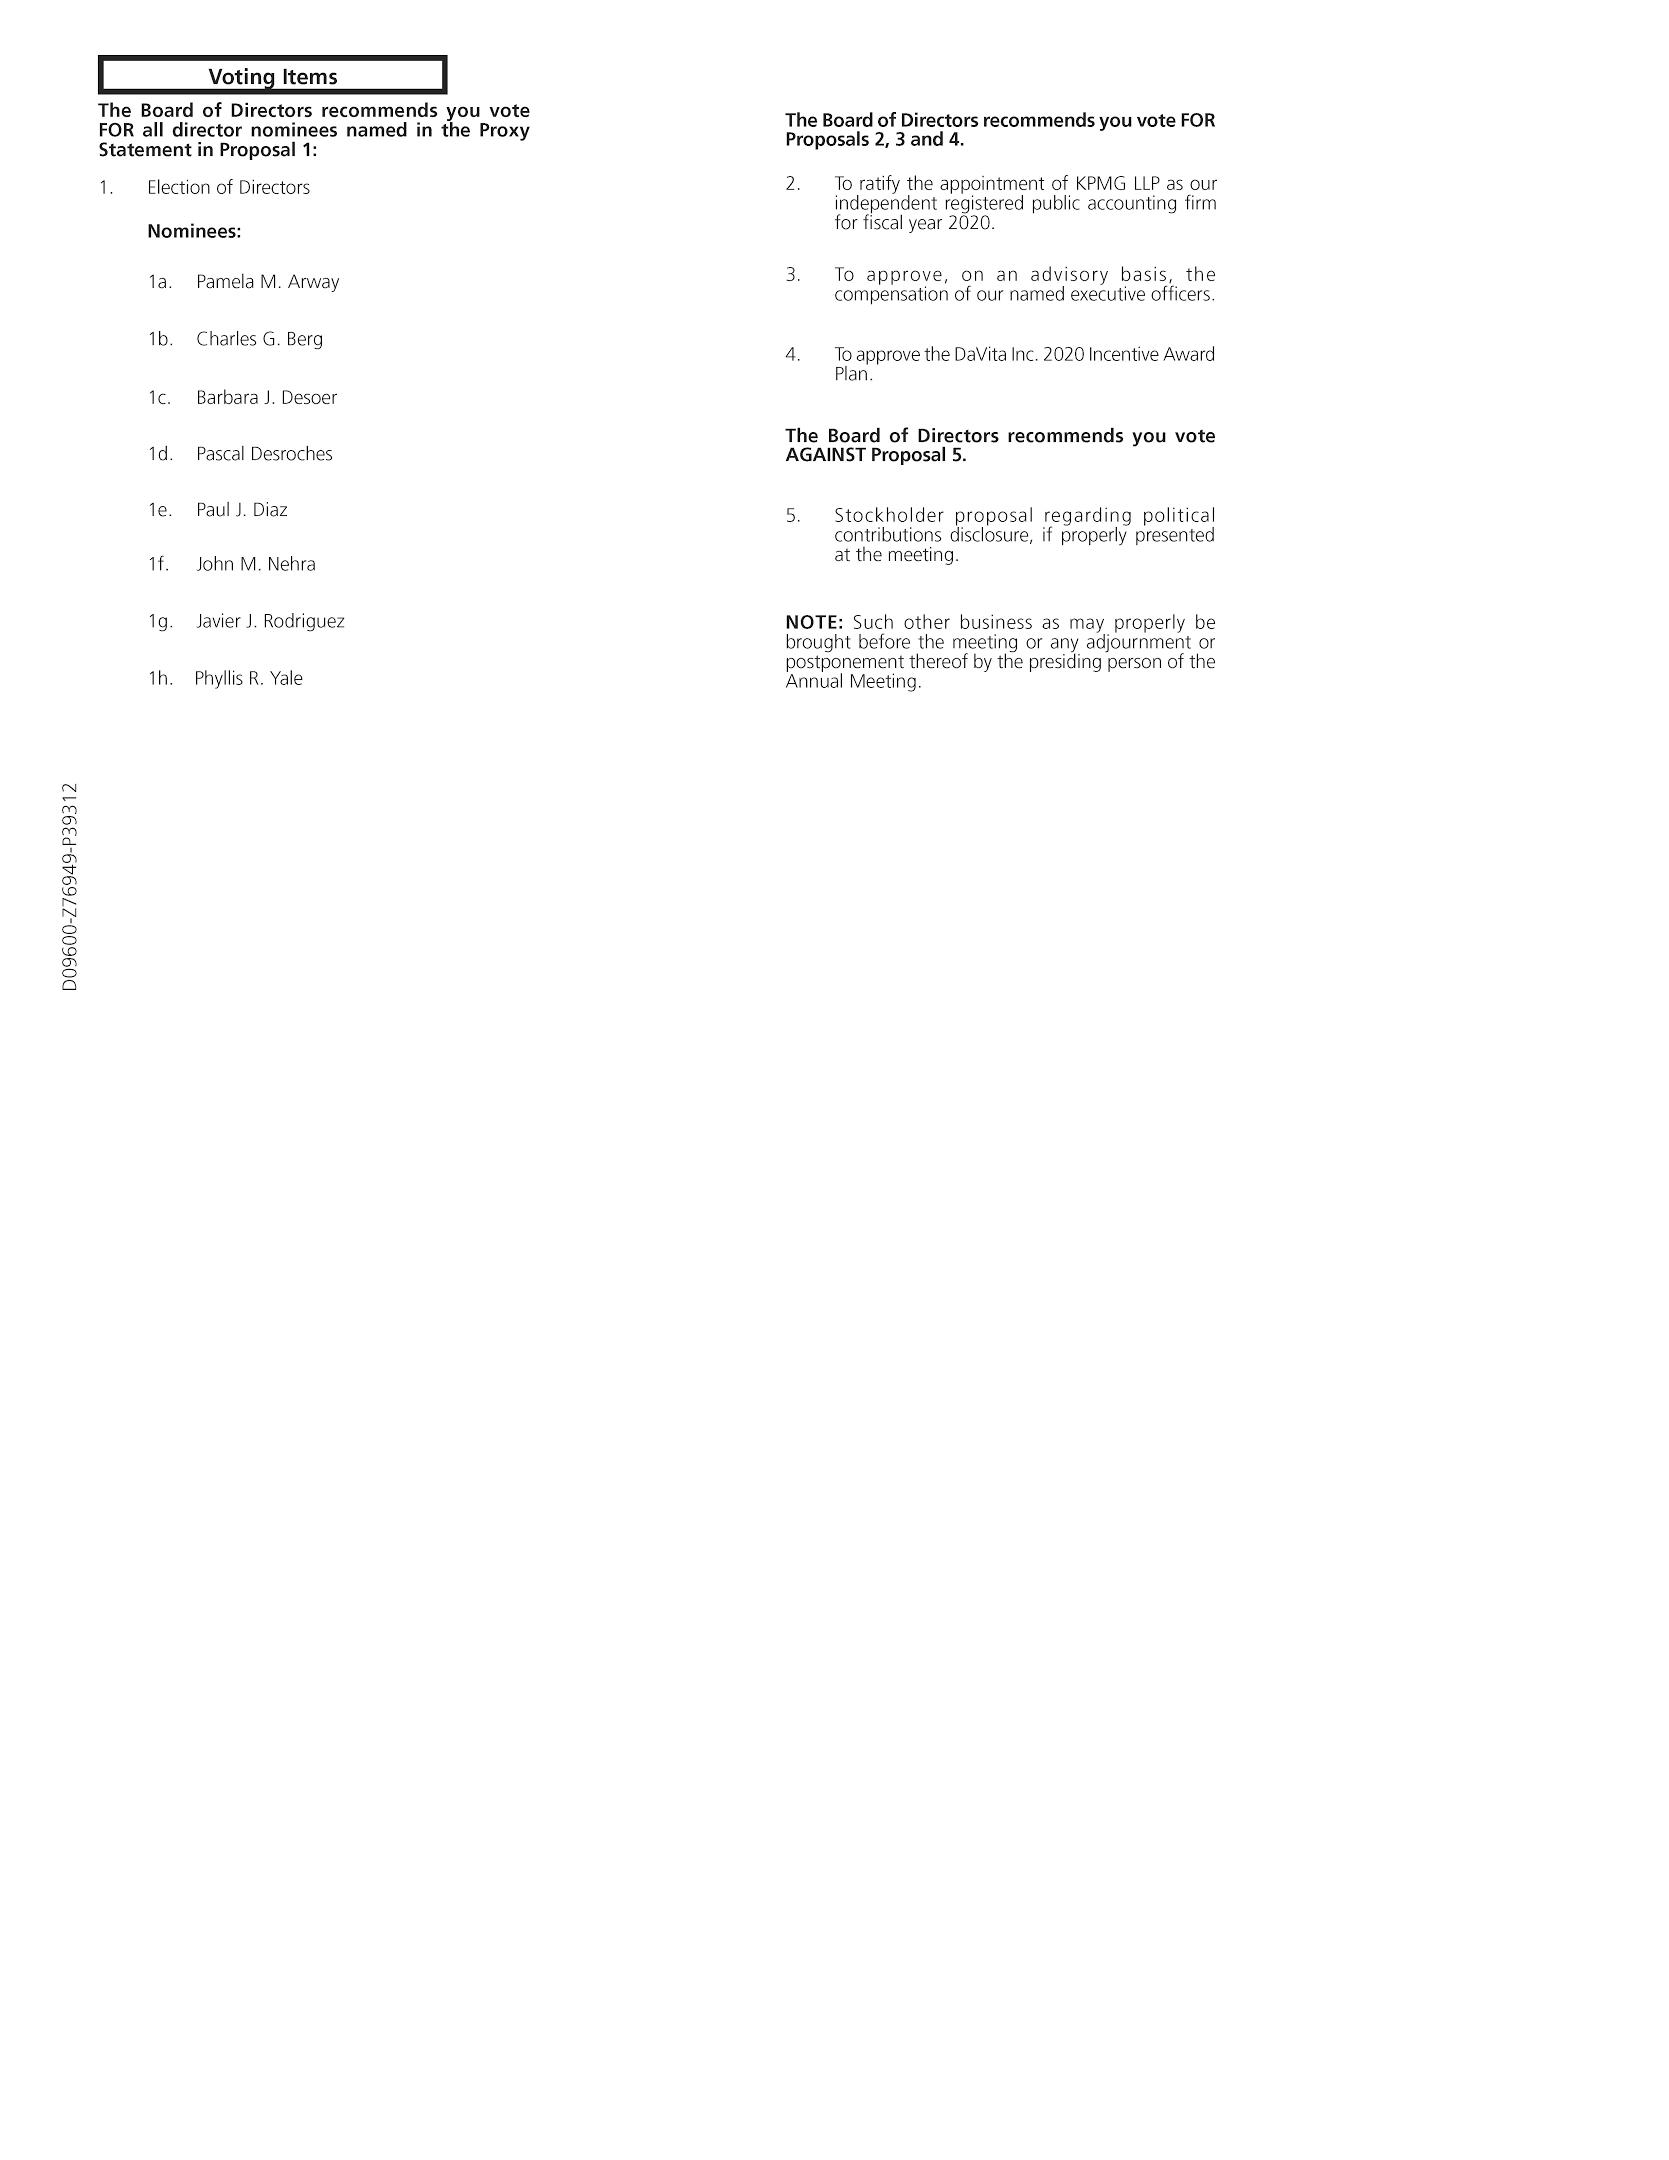 https://cdn.kscope.io/da4fde7ce09936eae83e87e5c5fd3c93-proxynoticepage3.jpg